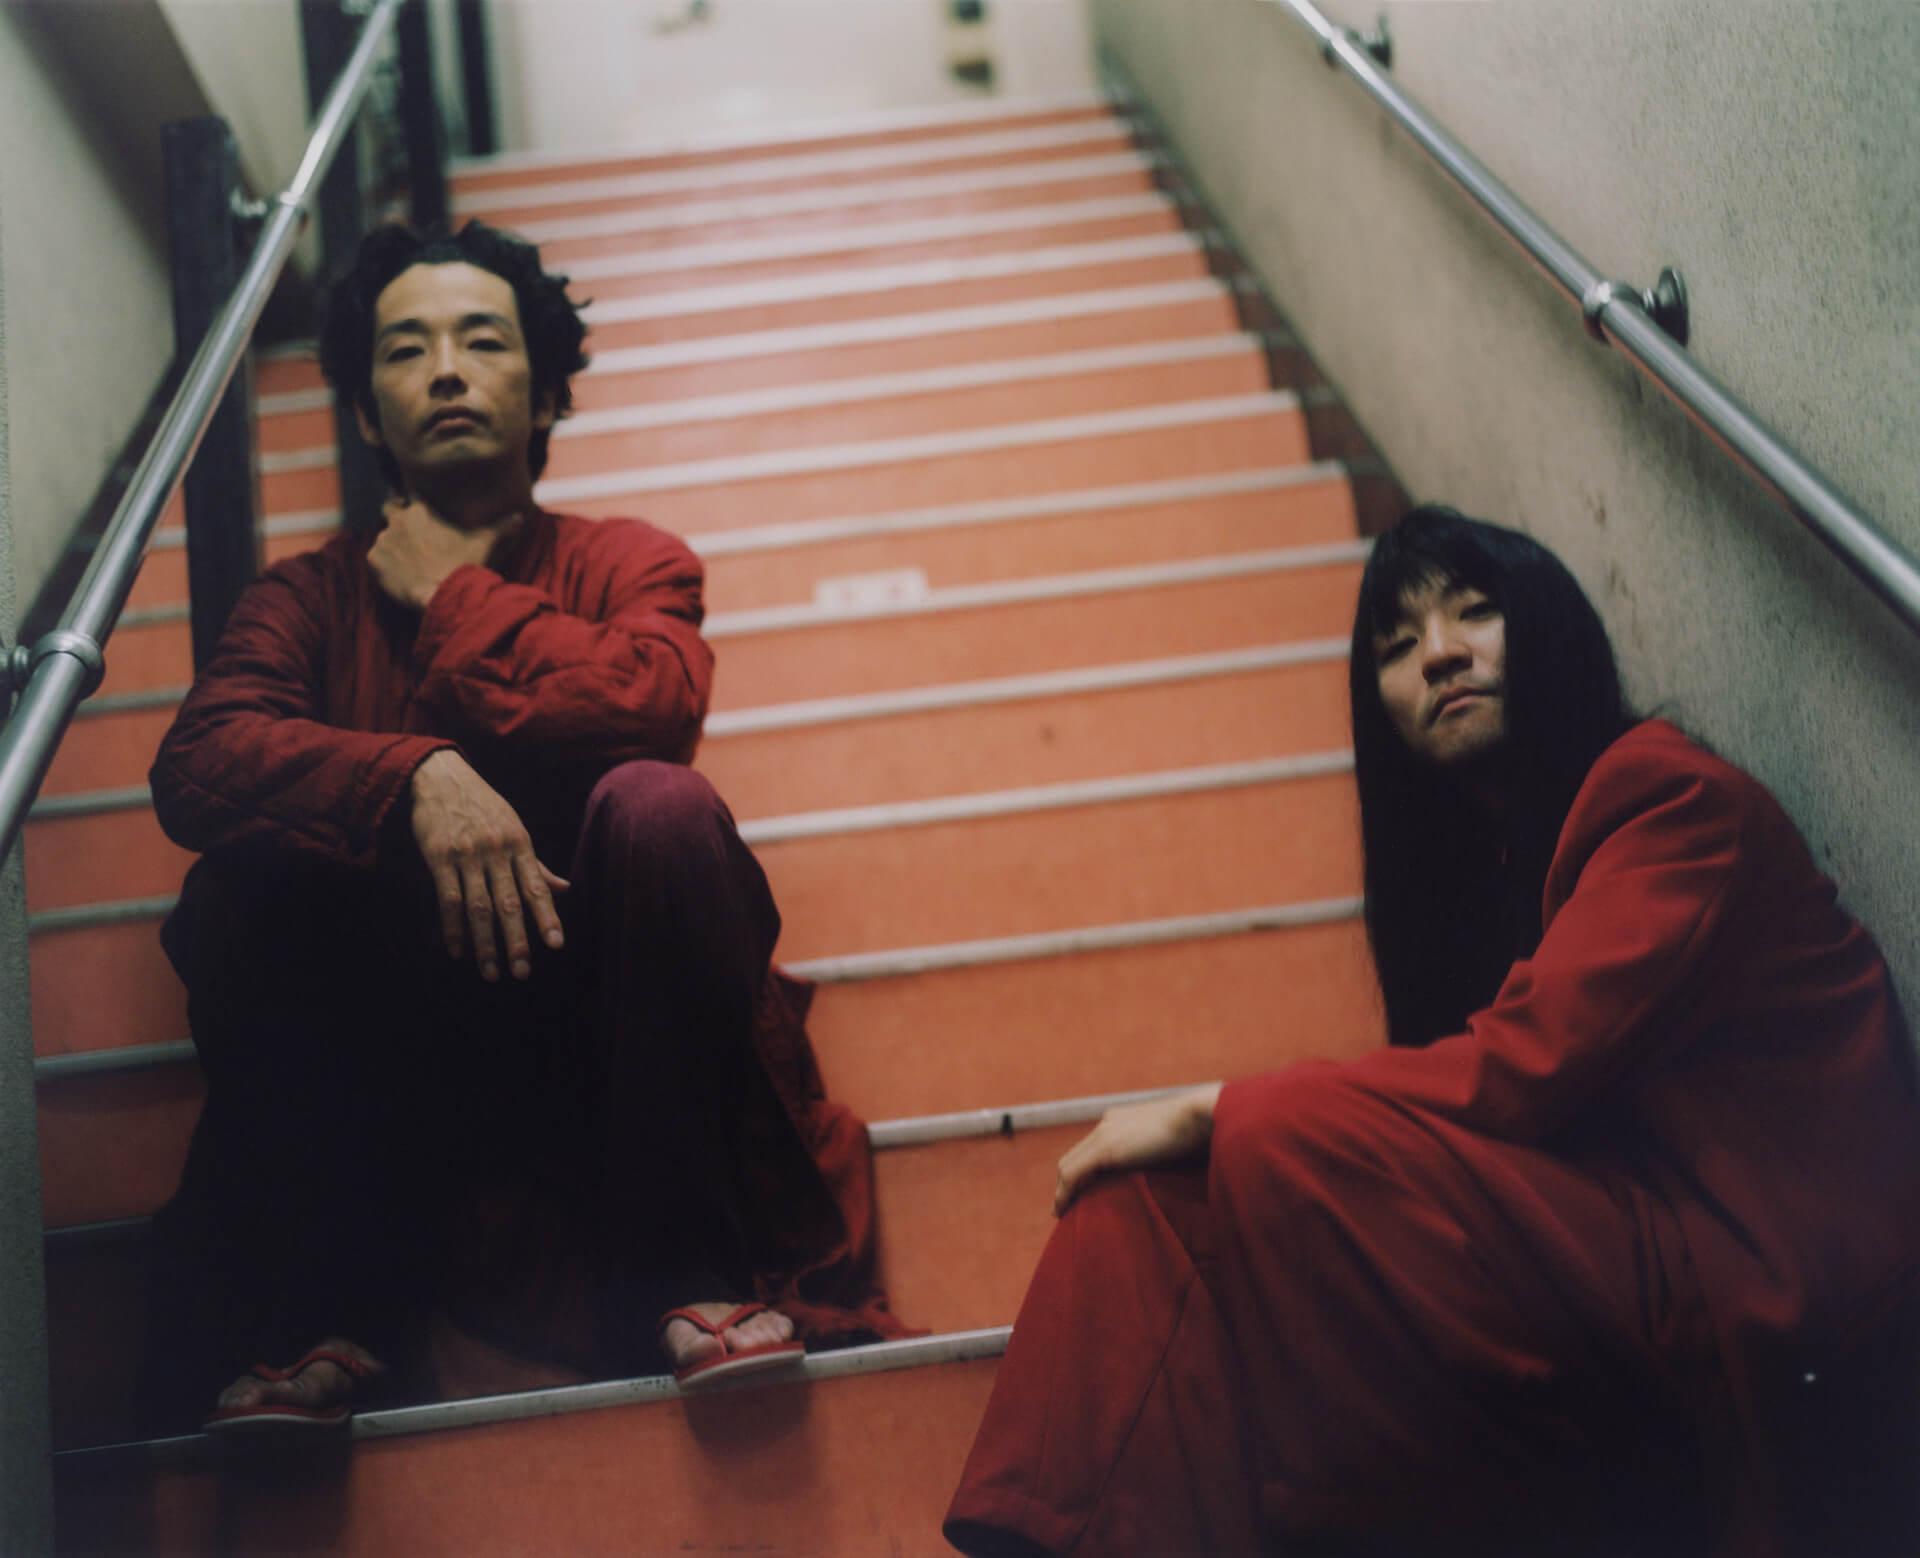 GEZANマヒト監督×森山未來主演『i ai』のキャストオーディションが実施決定!マヒトからのメッセージも film210721_i_ai_1